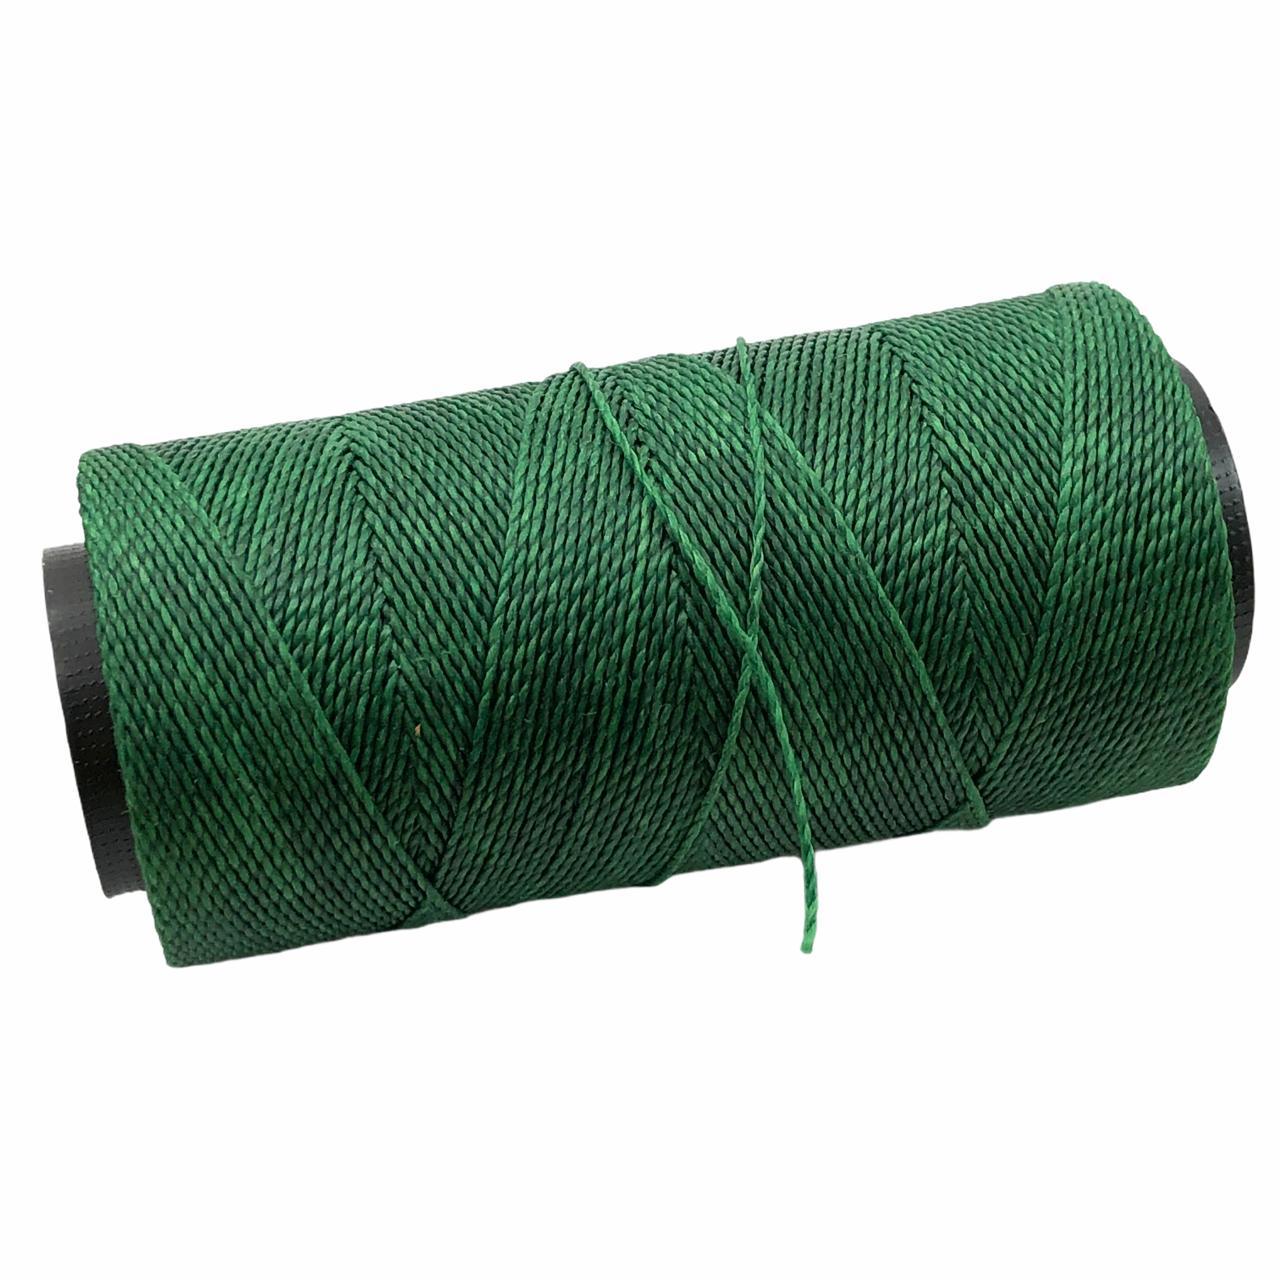 CE07 - Cordonê Encerado Verde Folha - 10metros